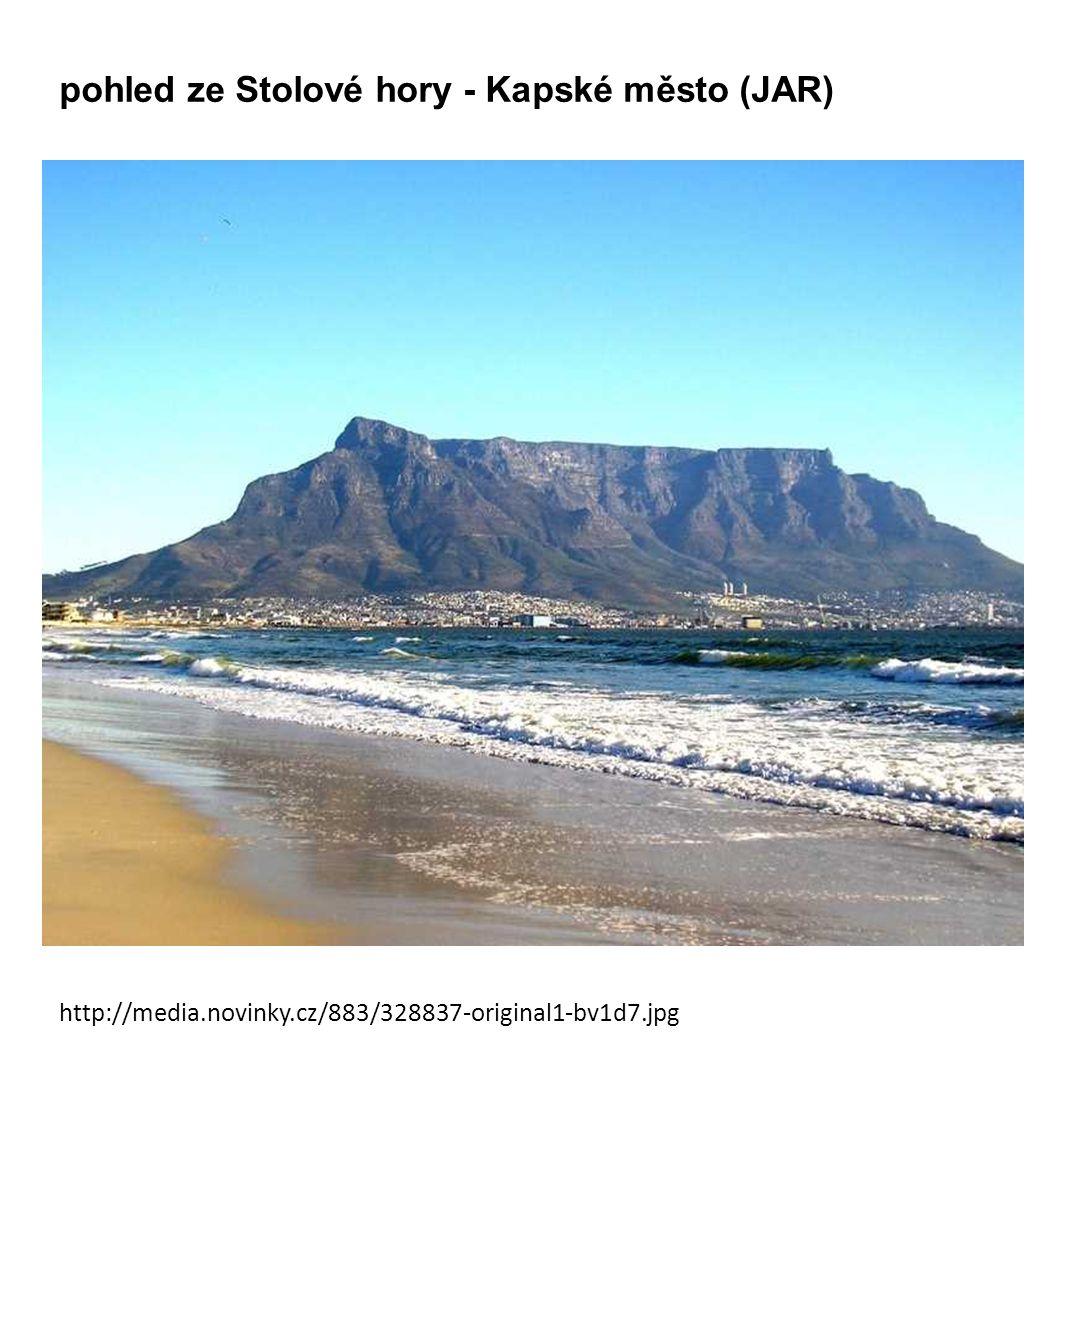 pohled ze Stolové hory - Kapské město (JAR)